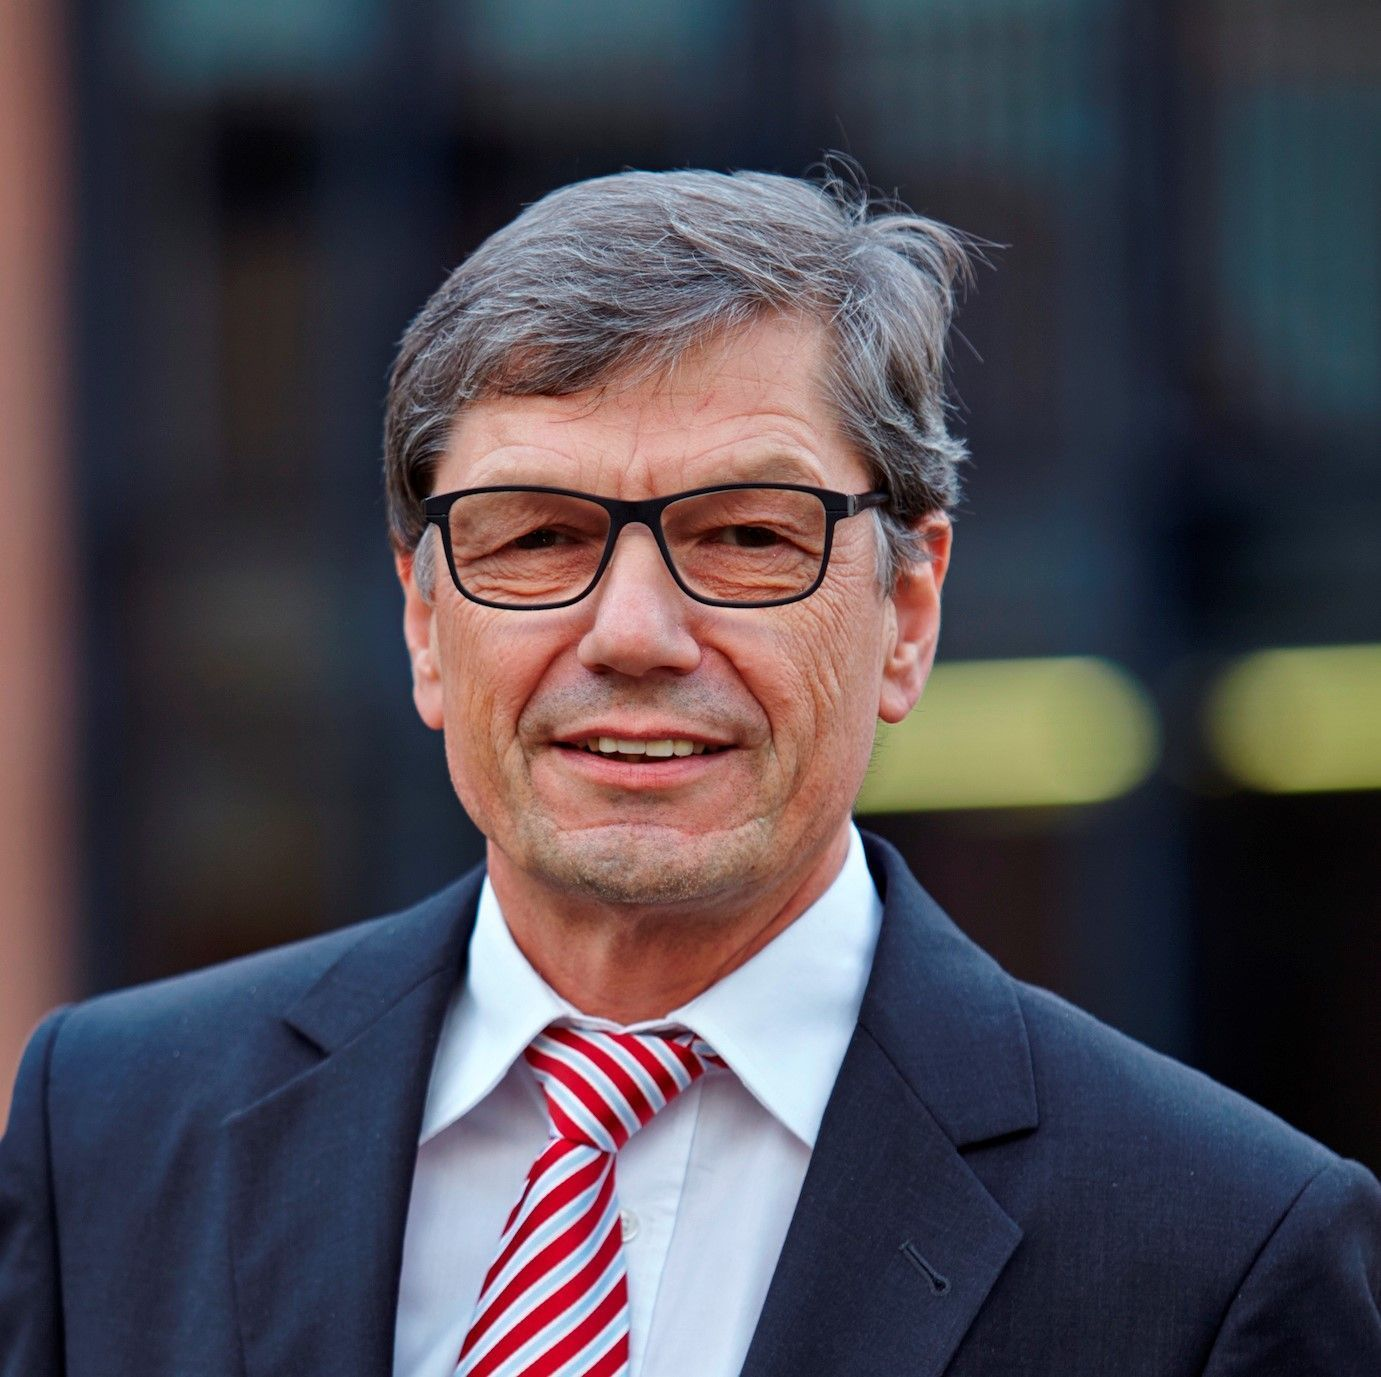 Prof. Dr. Jürgen Schnell